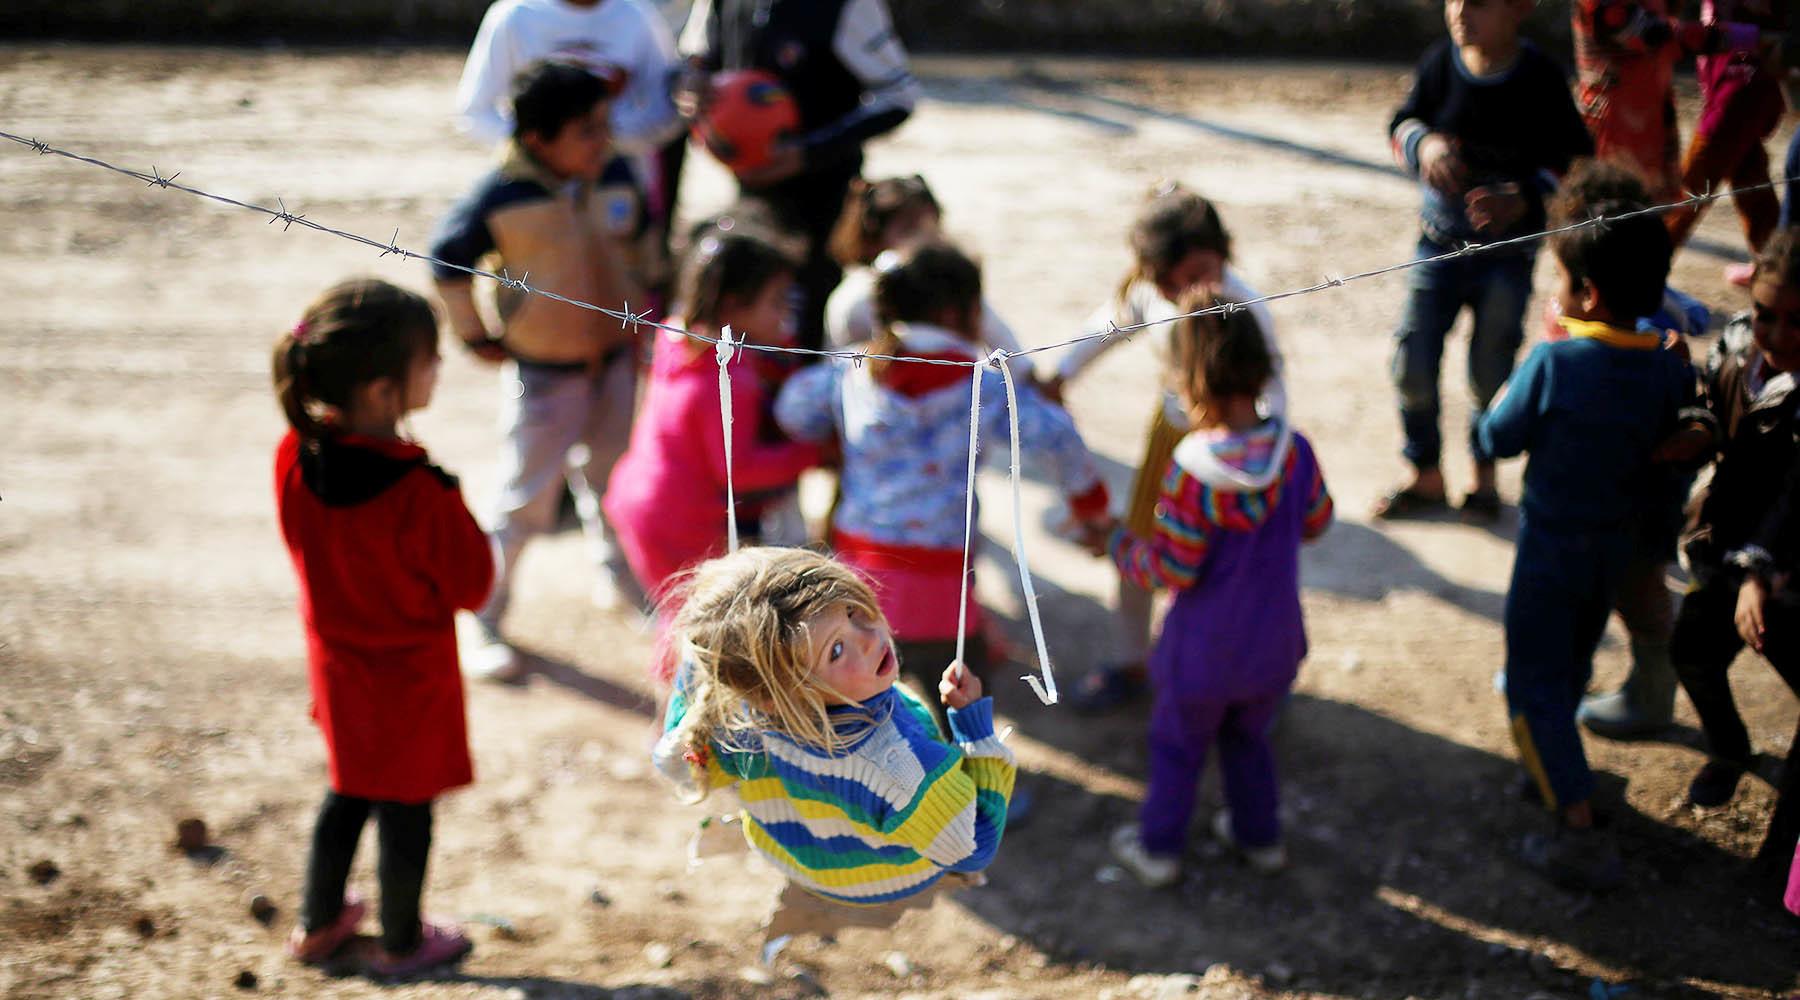 Кыргызстандык балдарды Ирактан алып келүү маселеси талкууланды